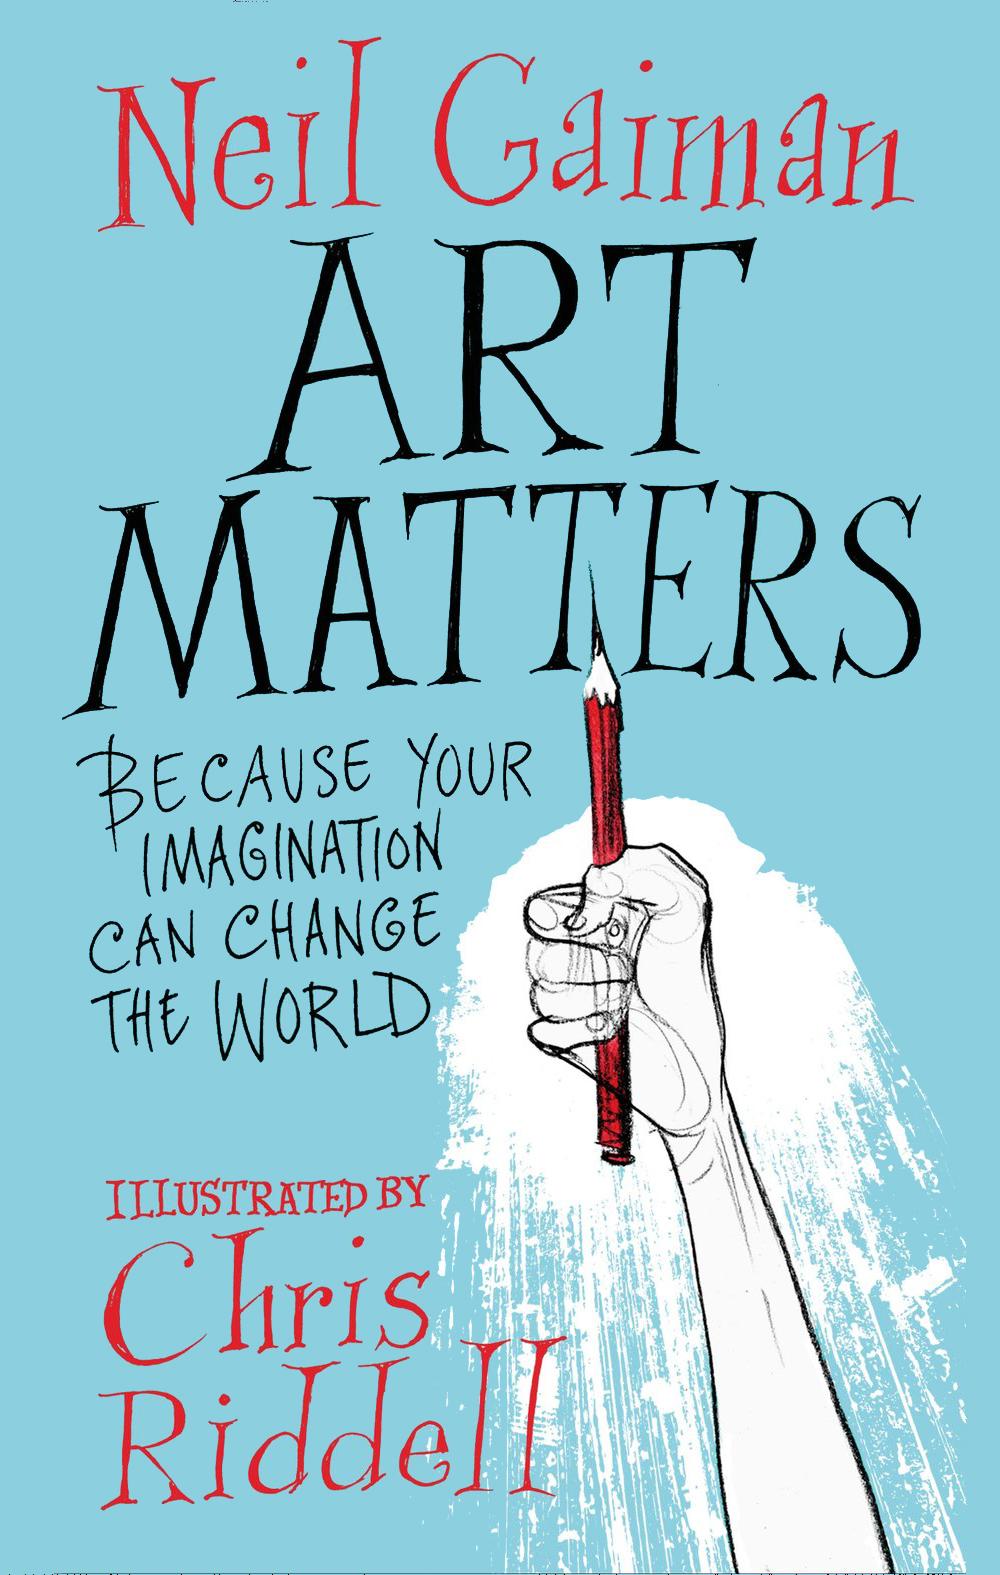 ART+MATTERS+book+cover.jpg